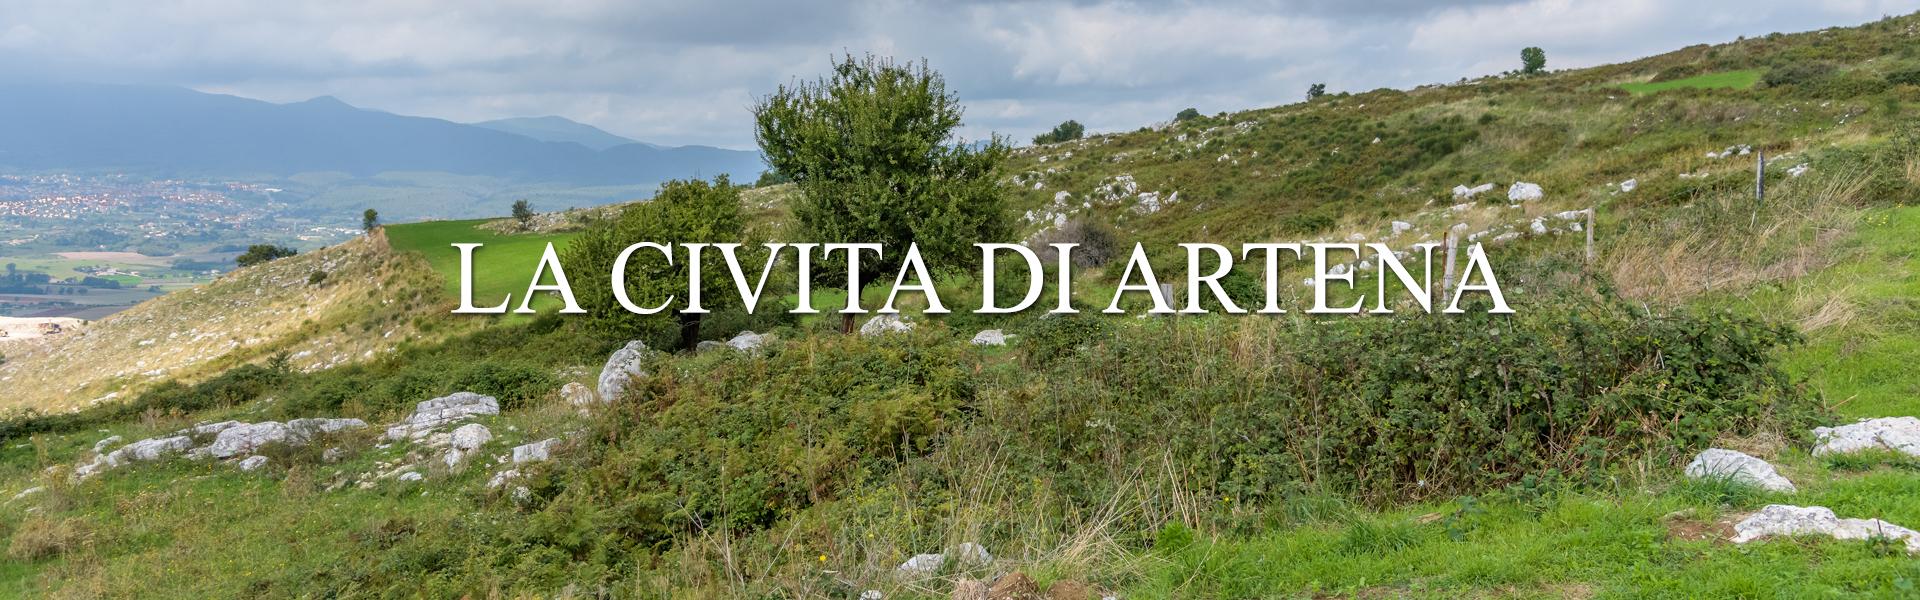 civita-di-artena1920x600